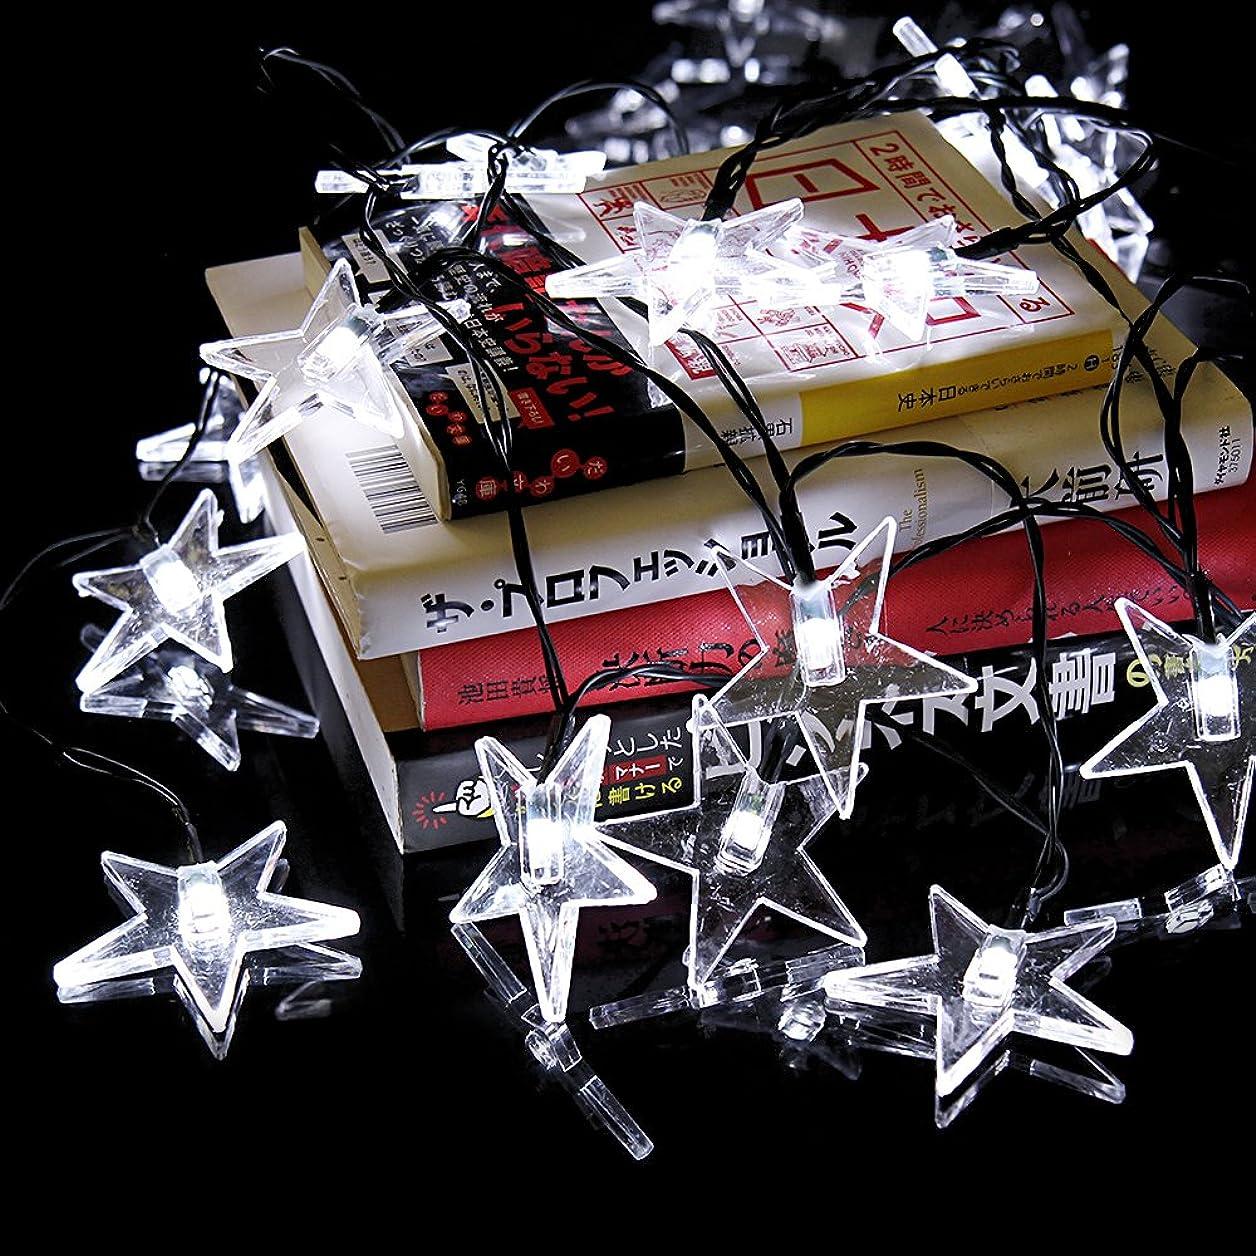 荷物入射徹底Yalufa イルミネーションライト30LED星スターストリングライト発光色ホワイトソーラー充電式光センサー内蔵自動点灯2発光モード防水防雨クリスマス飾り